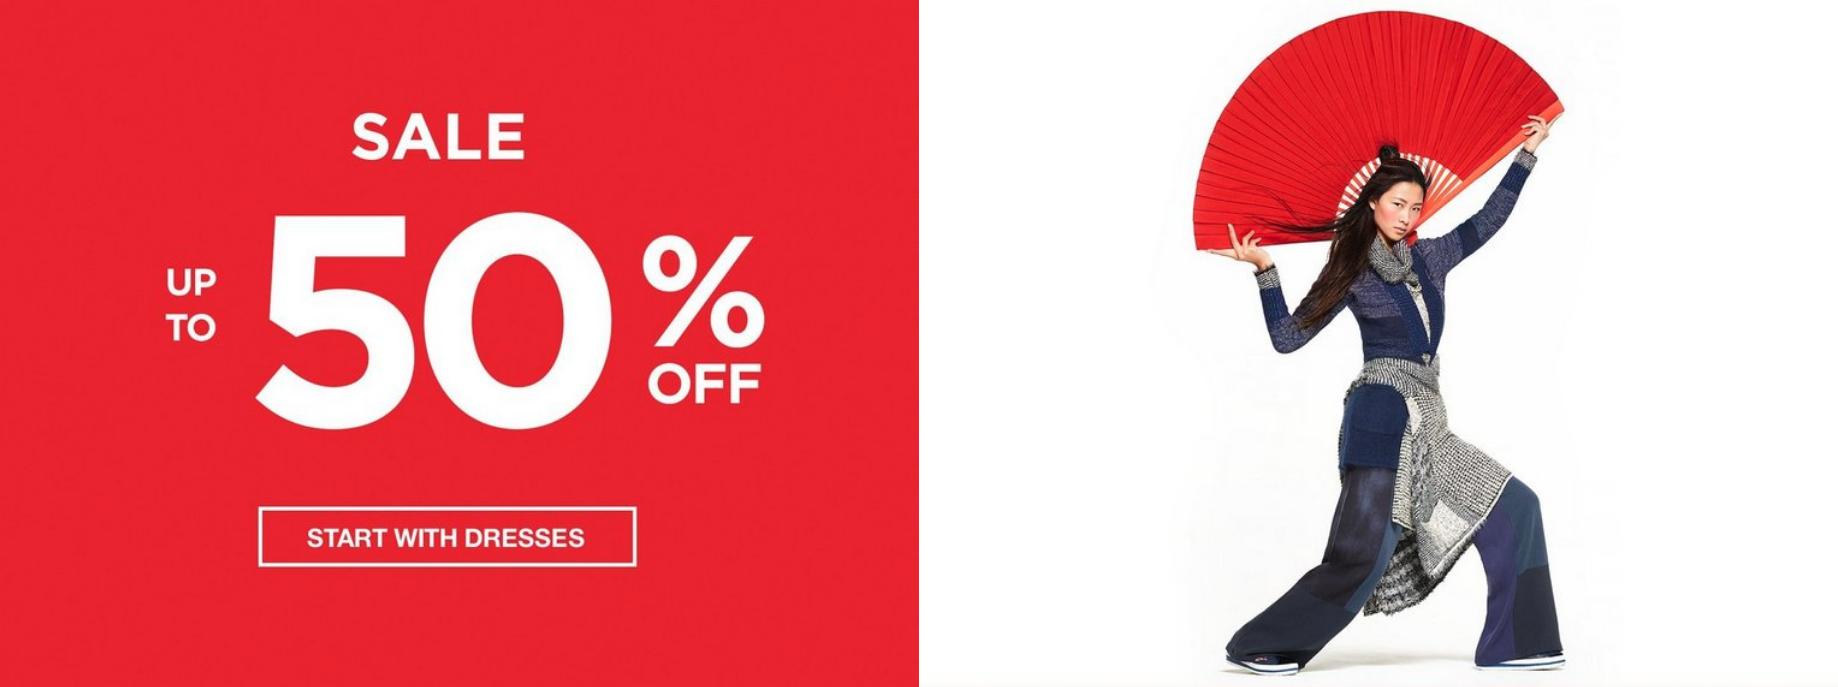 Desigual: wyprzedaż do 50% rabatu na odzież damską, męską oraz dziecięcą                         title=